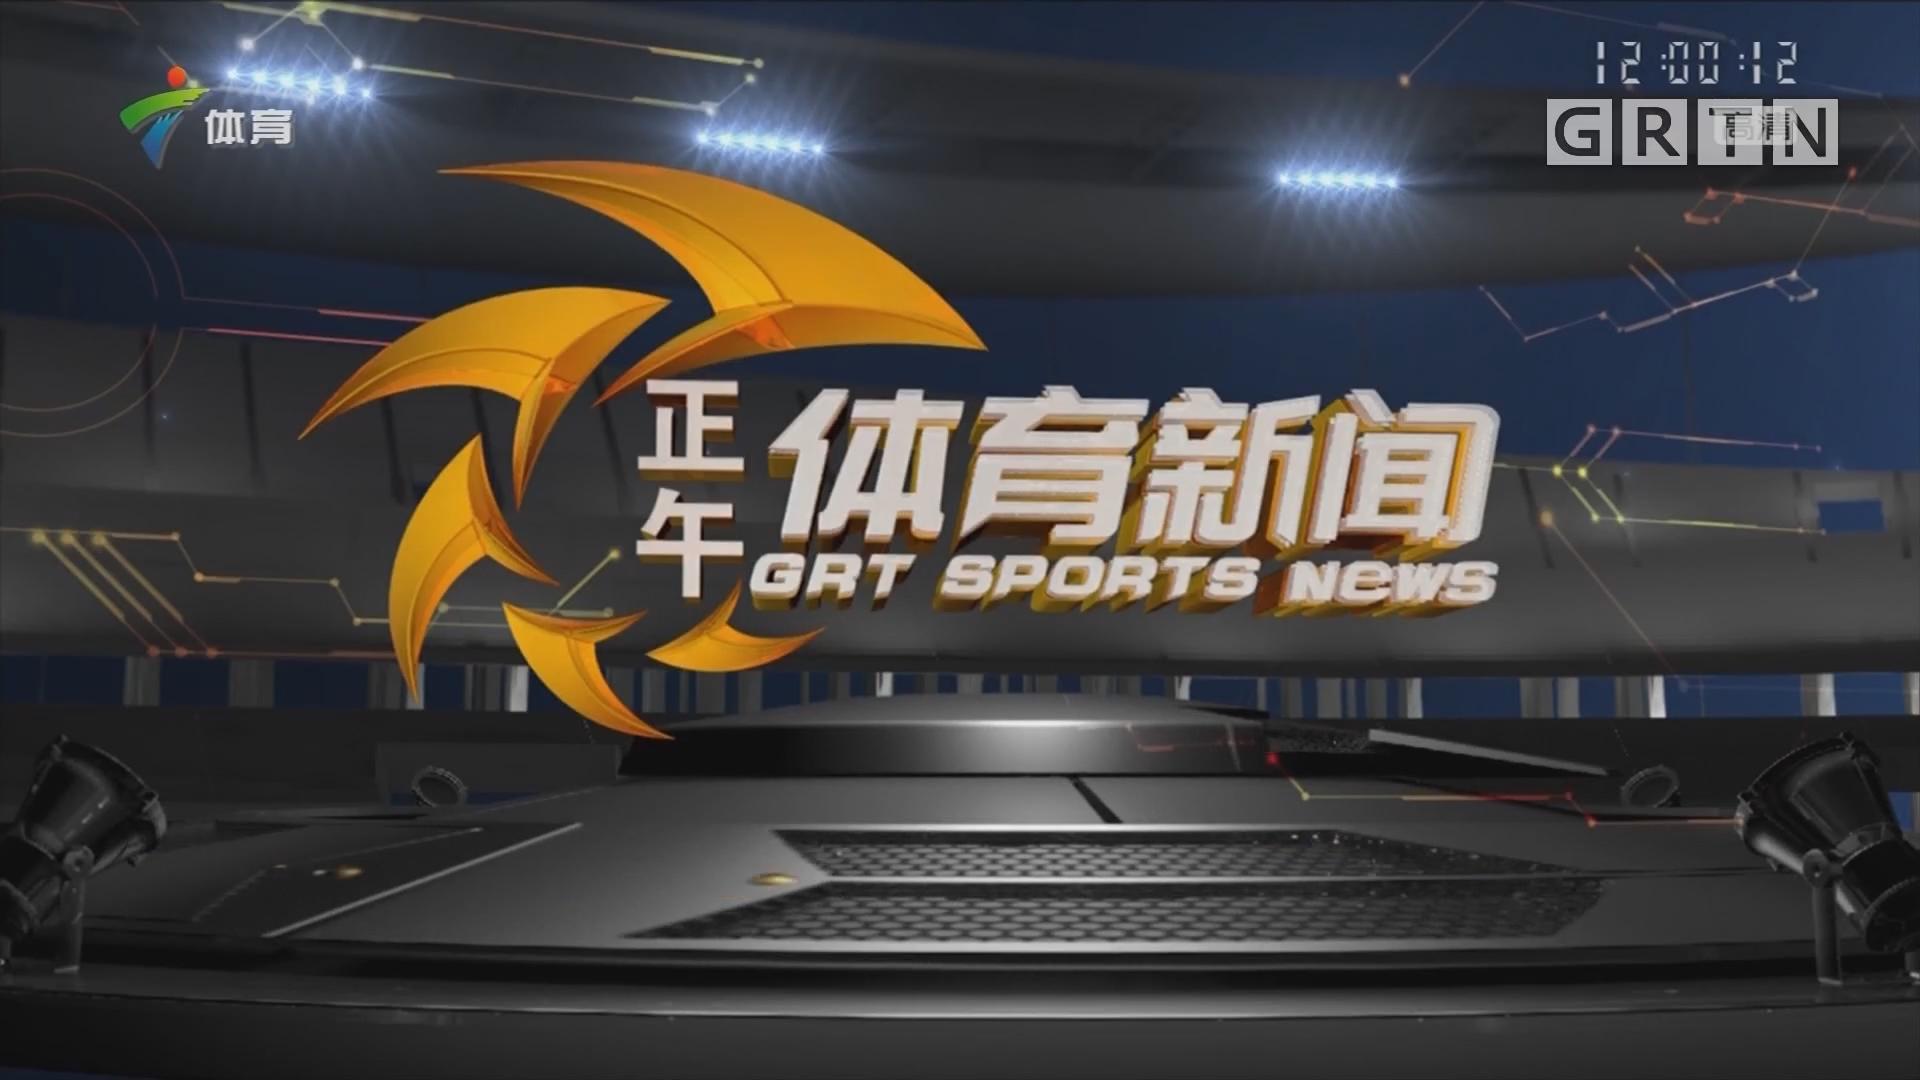 [HD][2019-04-14]正午体育新闻:再胜深圳马可波罗 manbetx手机版 - 登陆东莞银行拿到赛点